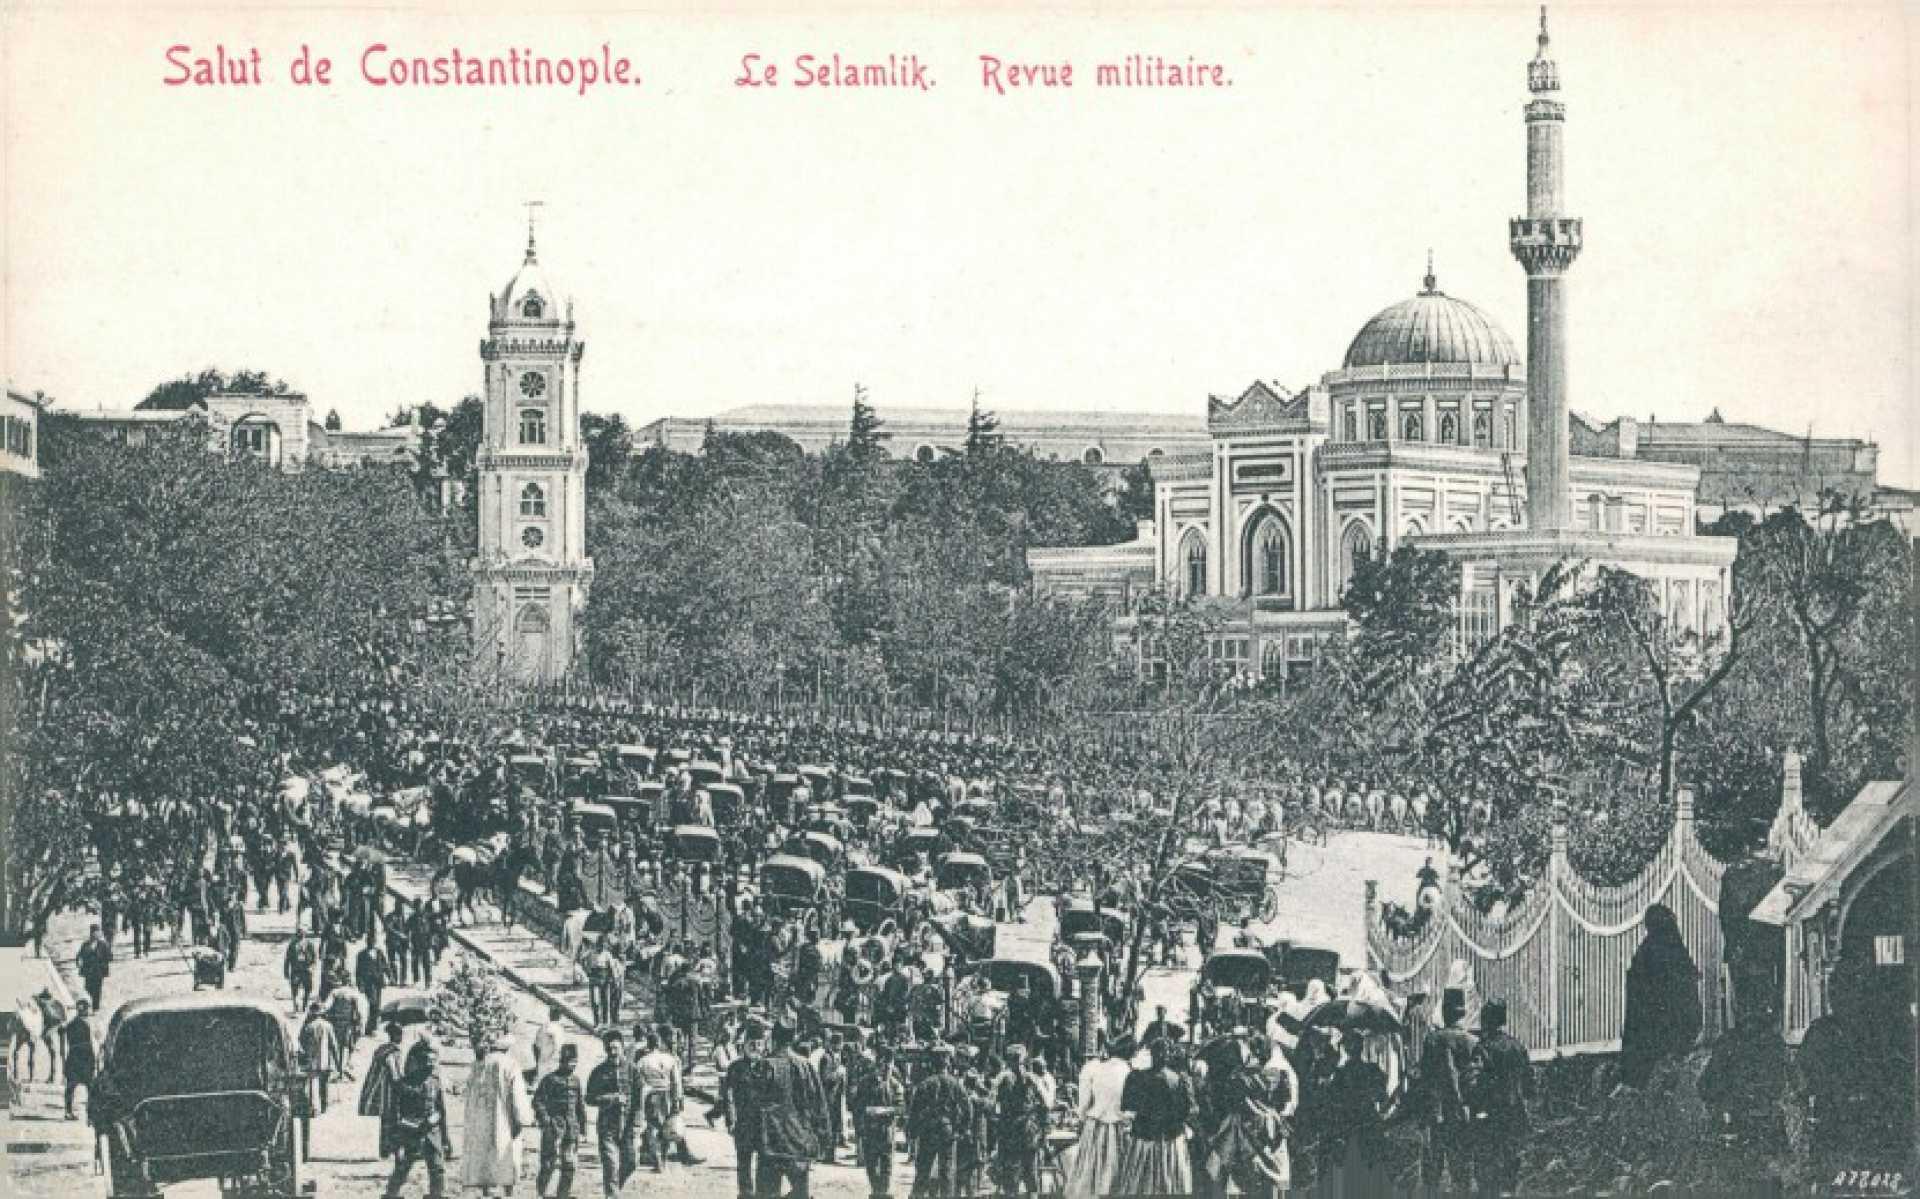 Salut de Constantinople. Le Selamlik. Revue militaire